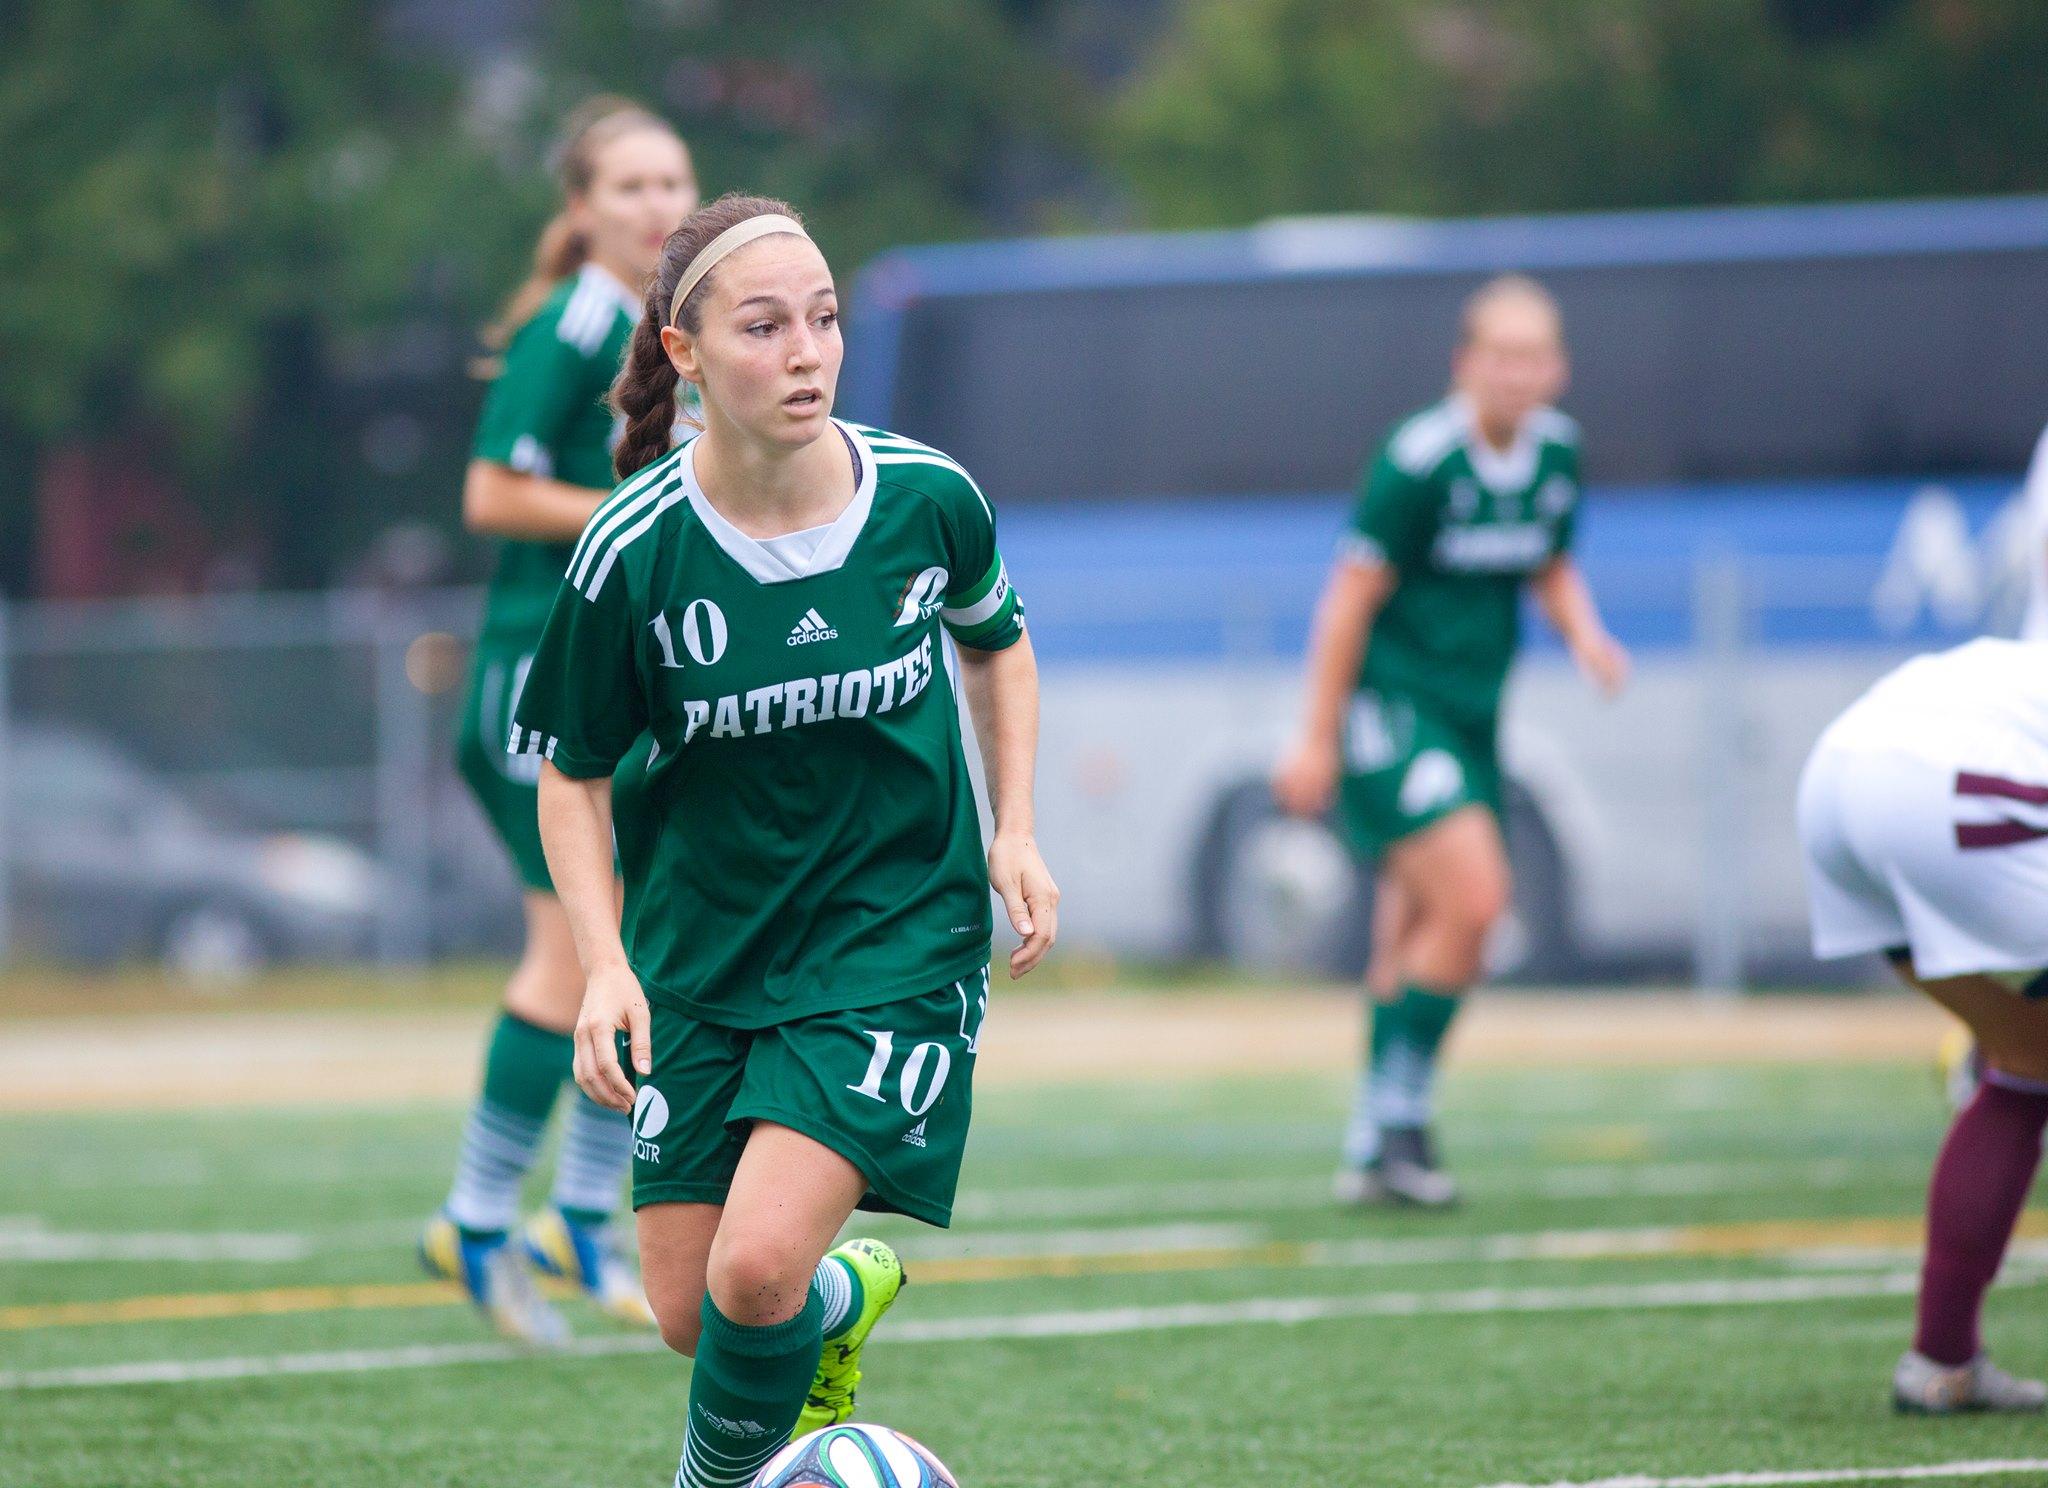 Jessica Desjardins de L'équipe de soccer féminin en action lors de la partie du 30 septembre dernier. Photo: Patriotes